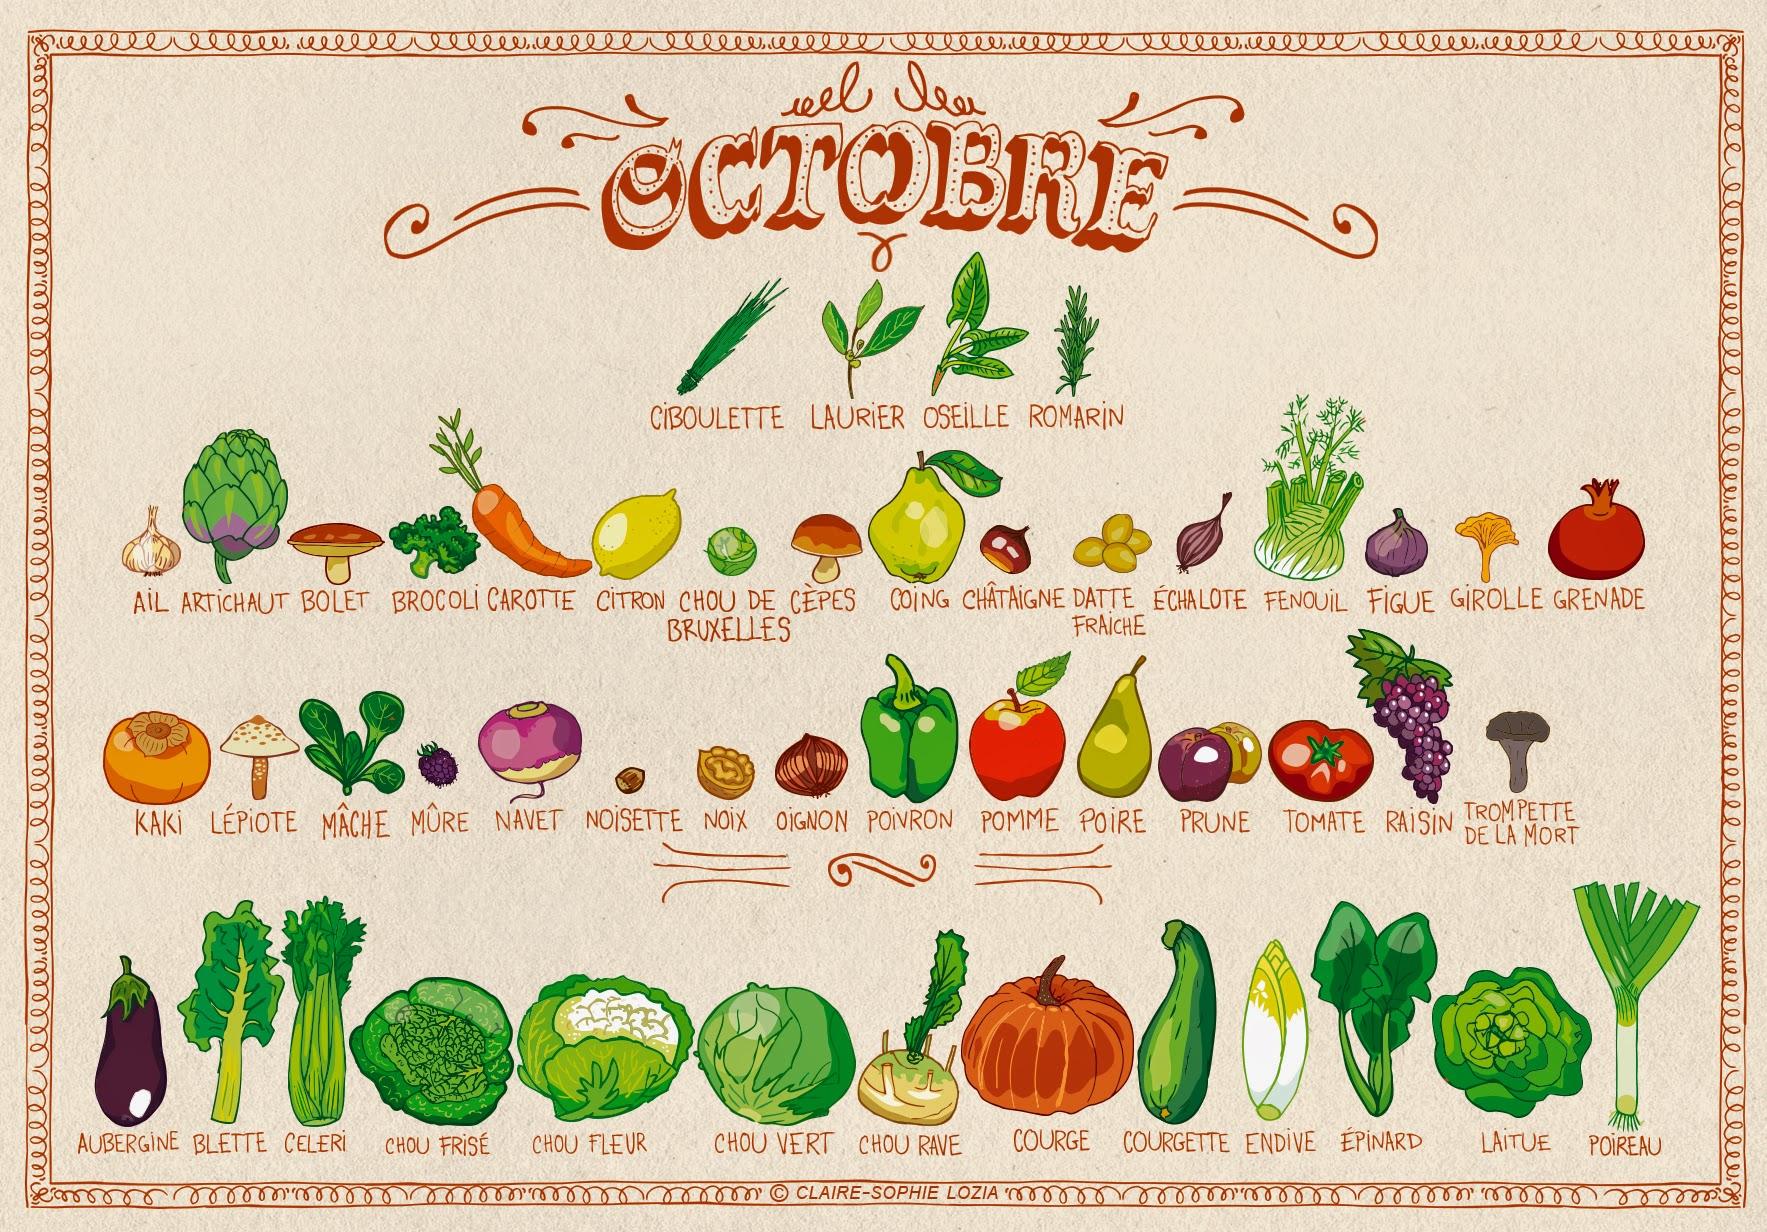 En haut Calendrier des fruits et légumes de saison   AnnSo Cuisine & cie @FB_98